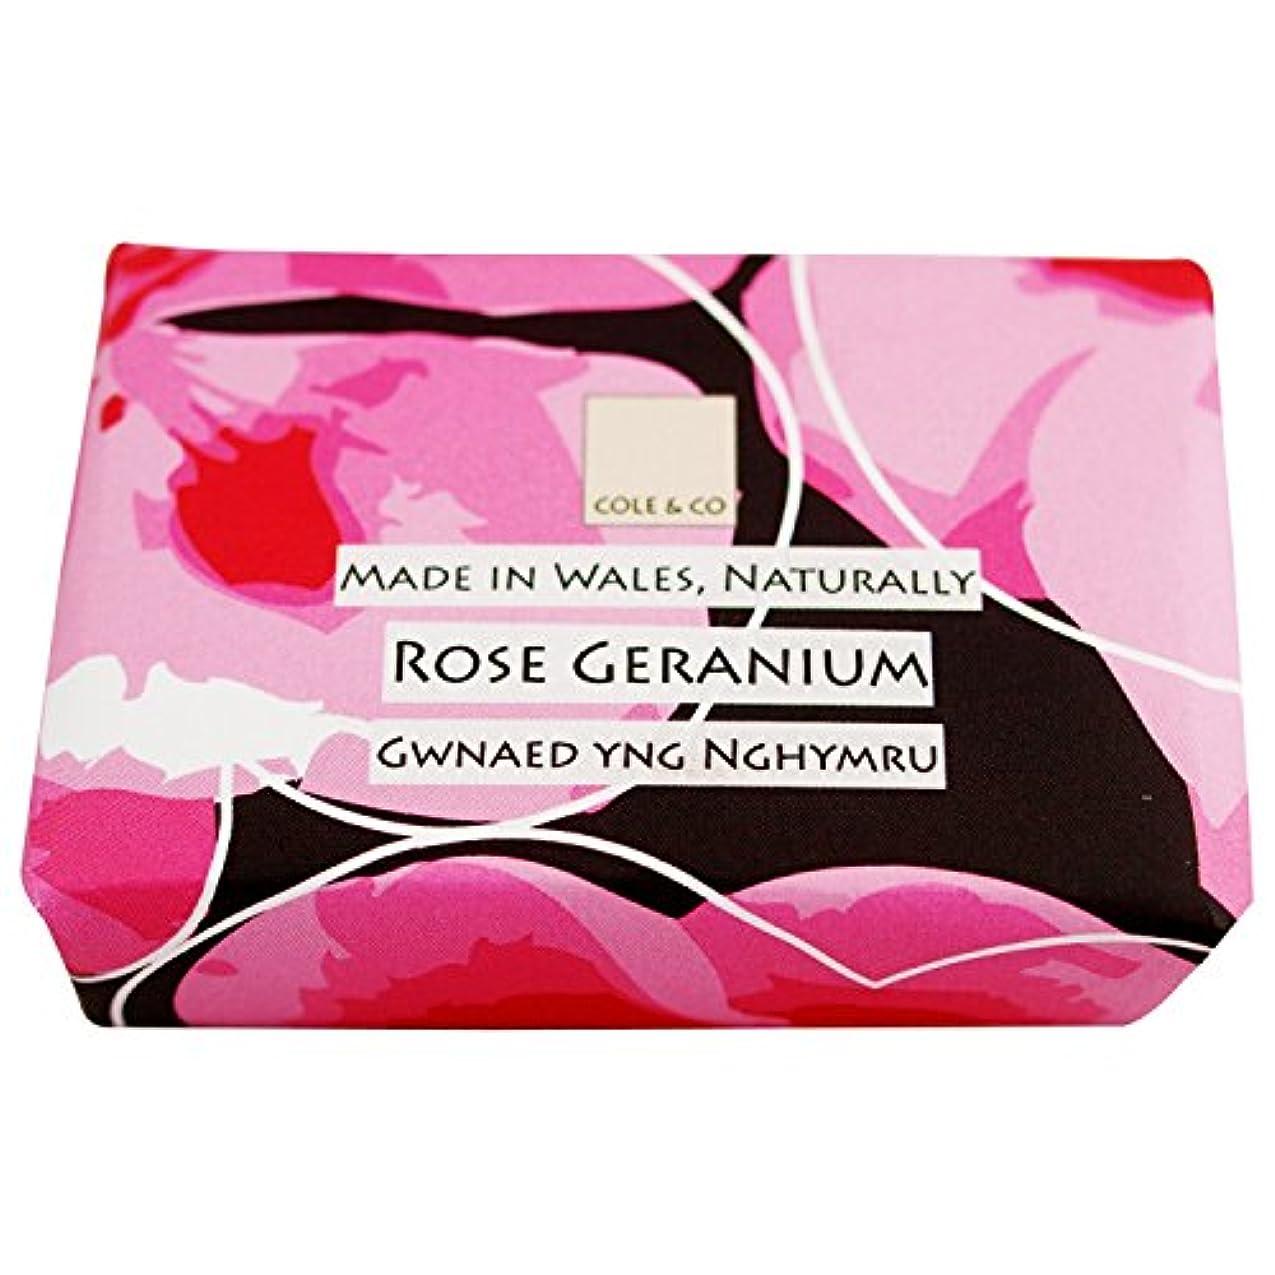 ベアリング狐ドットコール&Coはゼラニウム石鹸80グラムのバラ (Cole & Co) (x2) - Cole & Co Rose Geranium Soap 80g (Pack of 2) [並行輸入品]